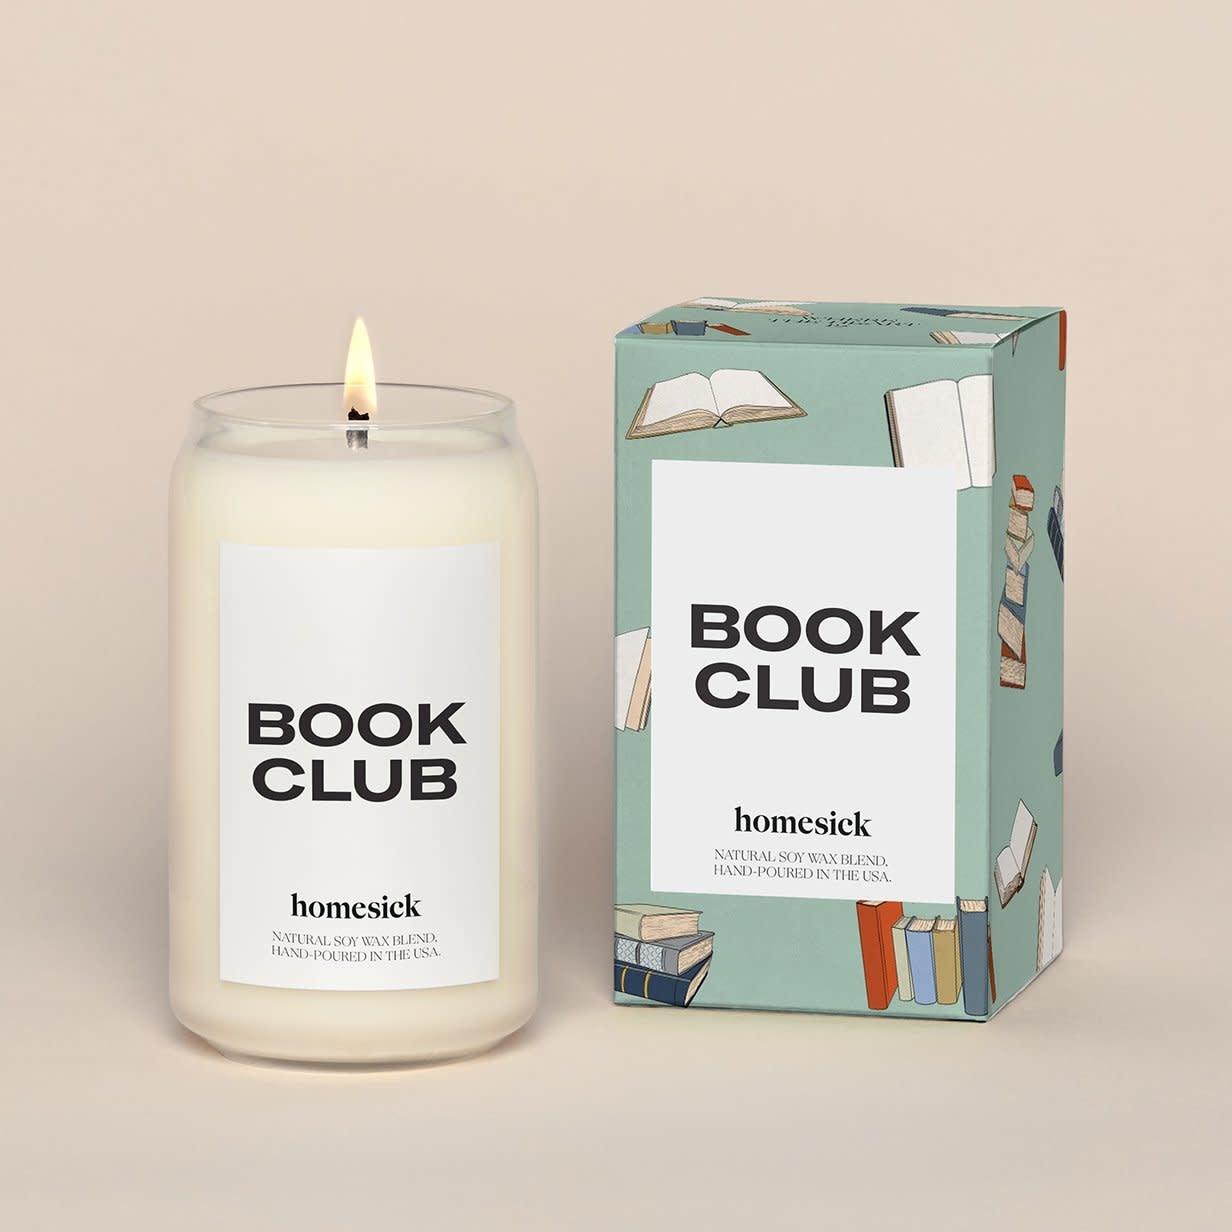 Homesick Book Club Candle